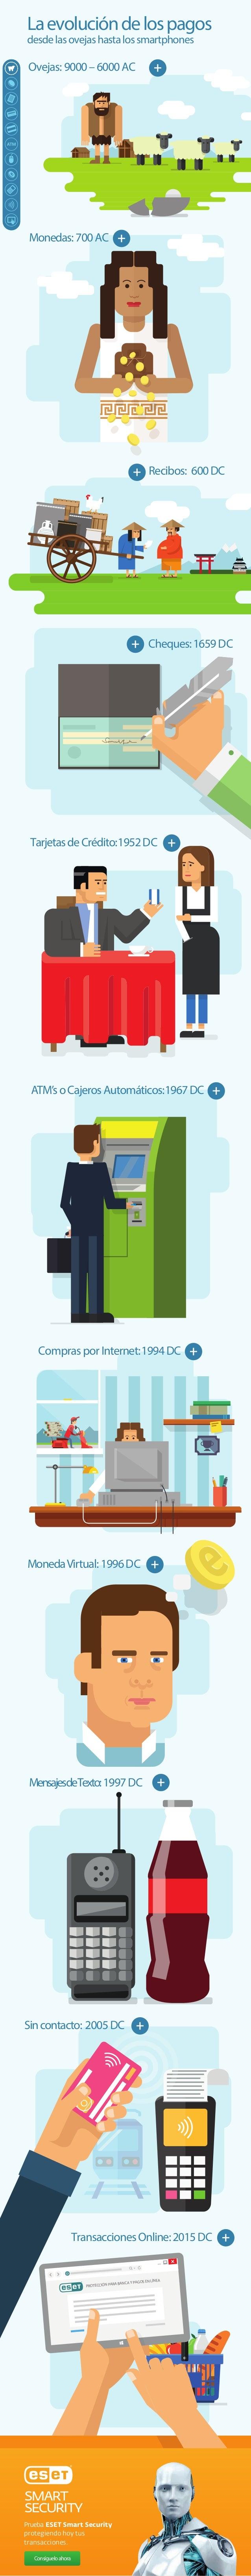 Laevolucióndelospagos desdelasovejashastalossmartphones Ovejas: 9000–6000AC Monedas: 700AC Recibos: 600DC Cheques:1659DC T...